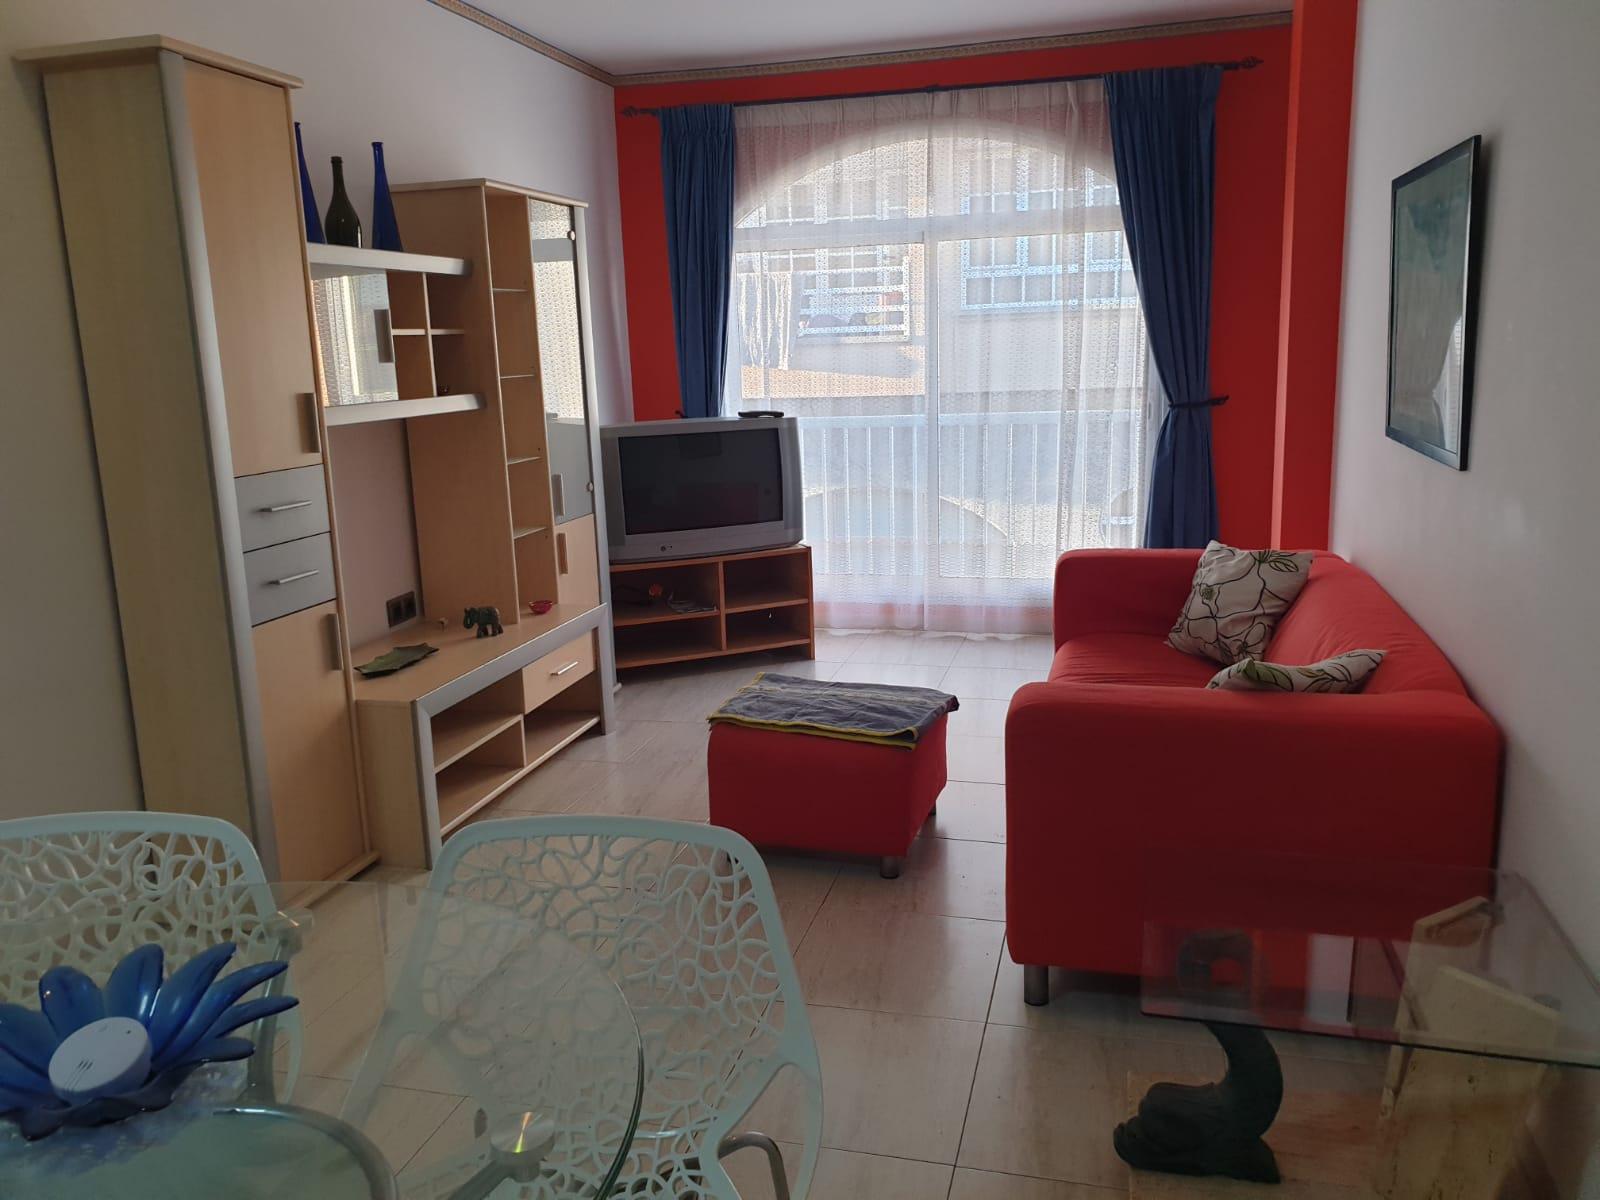 2 Two bedrooms apartment in Puerto del Rosario